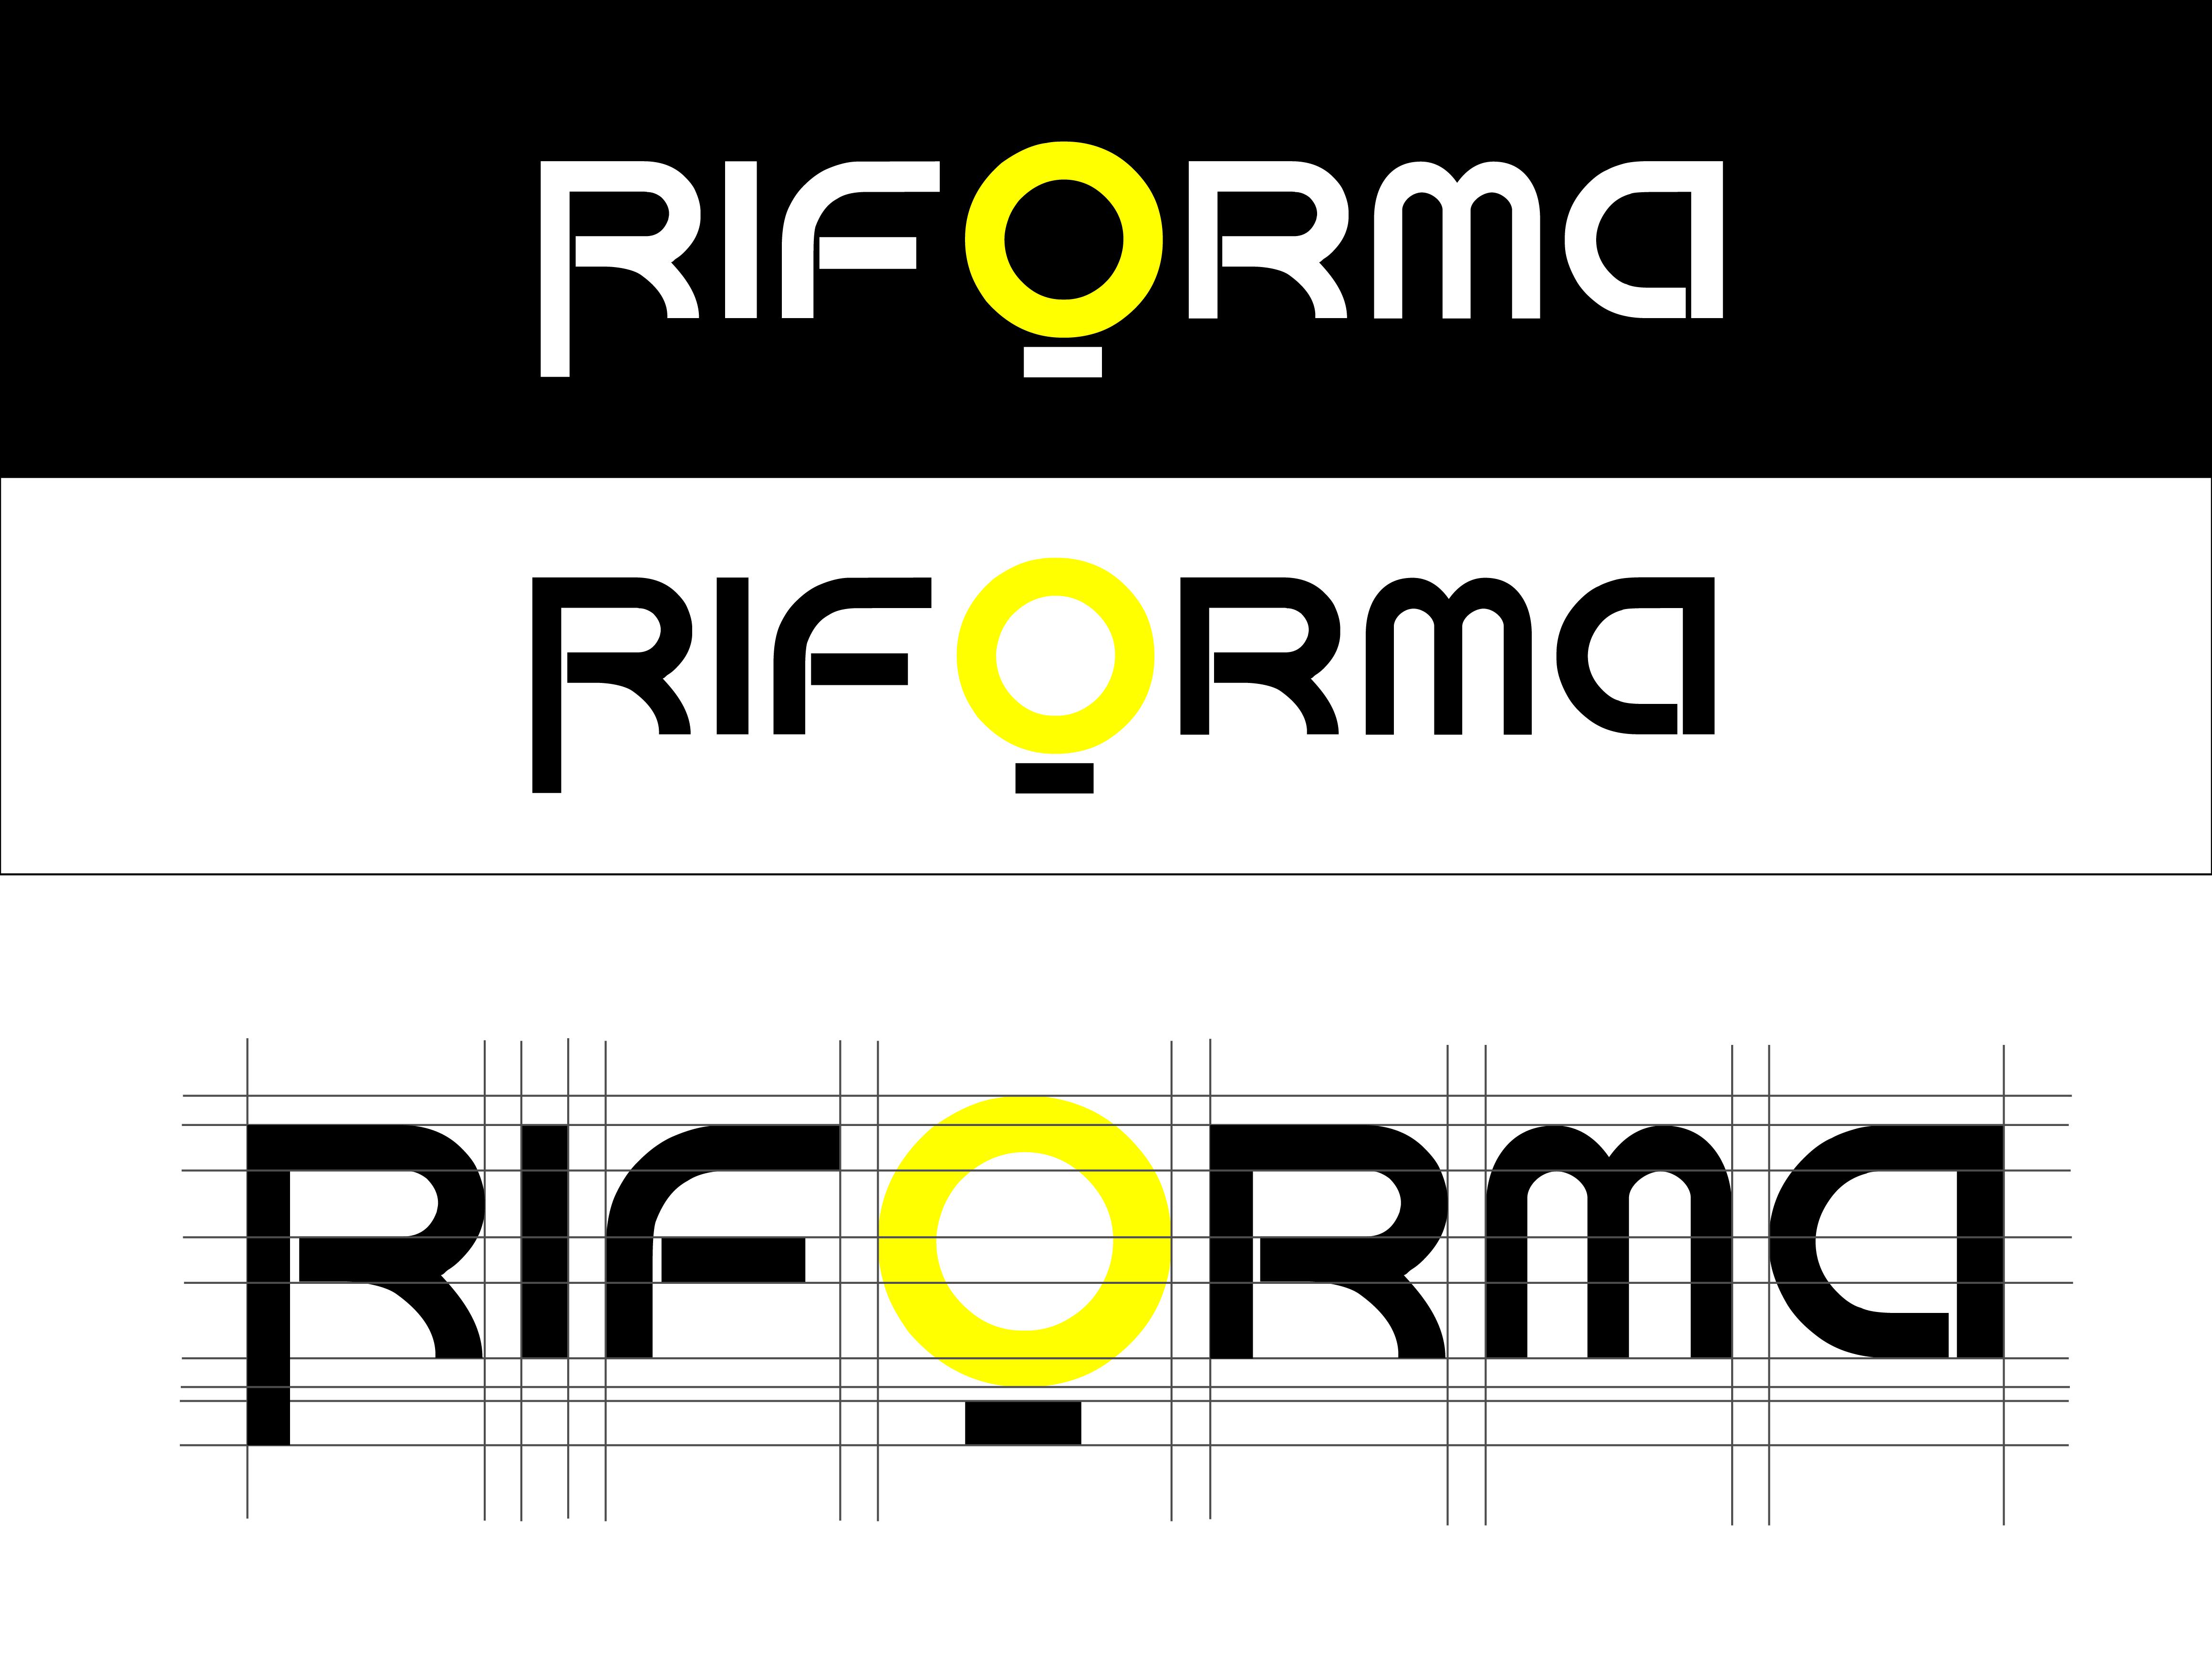 Разработка логотипа и элементов фирменного стиля фото f_05757a7442658c9e.jpg